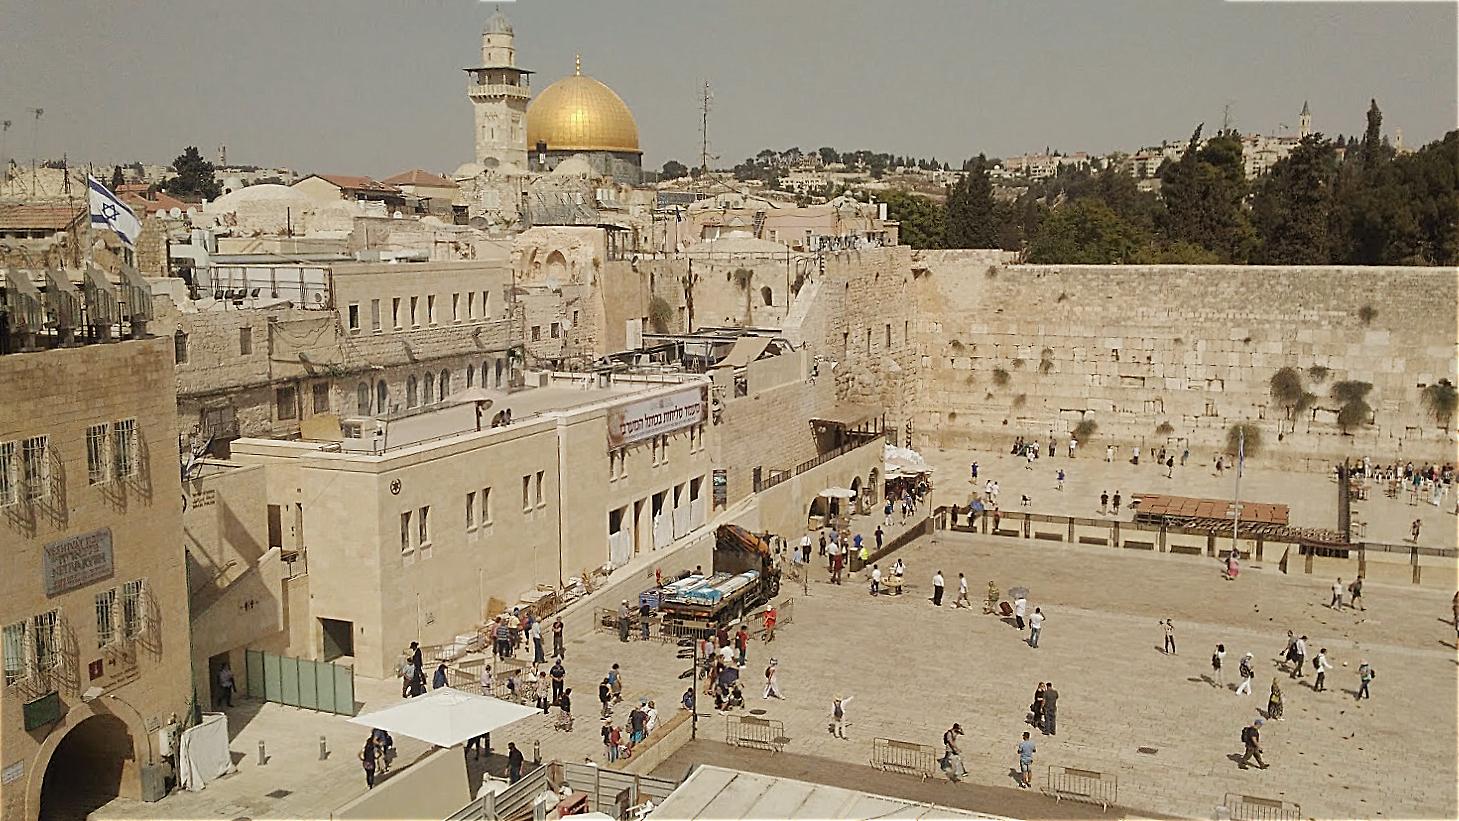 """イノベーションの発信拠点 """"イスラエル"""" が世界に名を馳せる理由"""